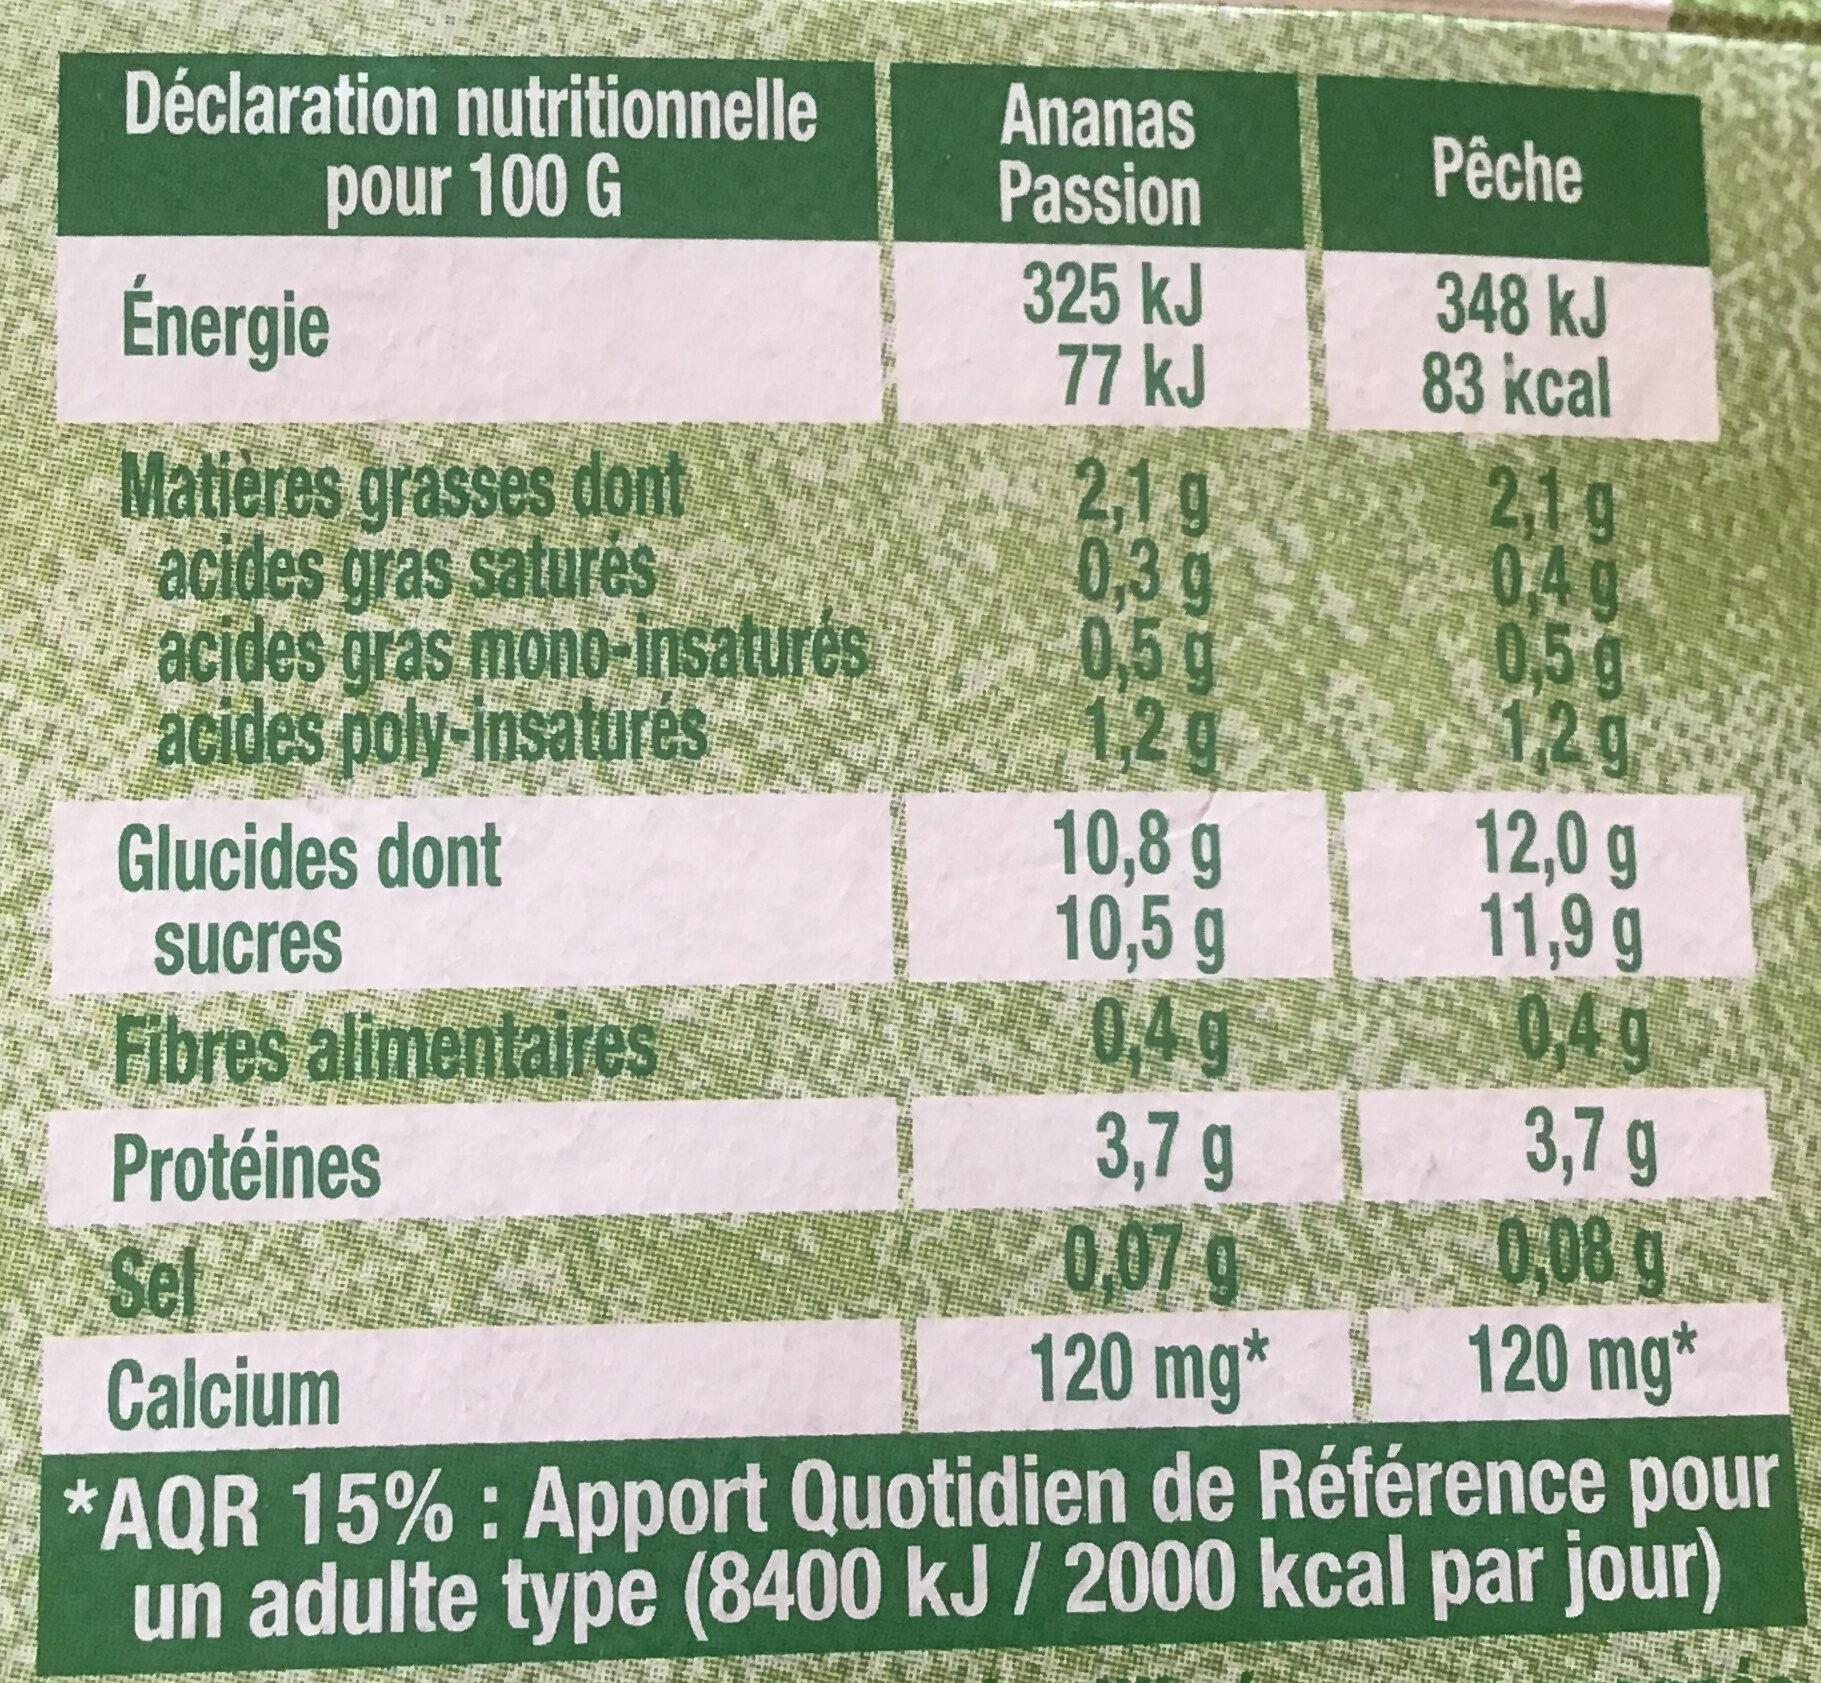 Panaché de fruits - Ananas Passion/Pêche - Nutrition facts - fr